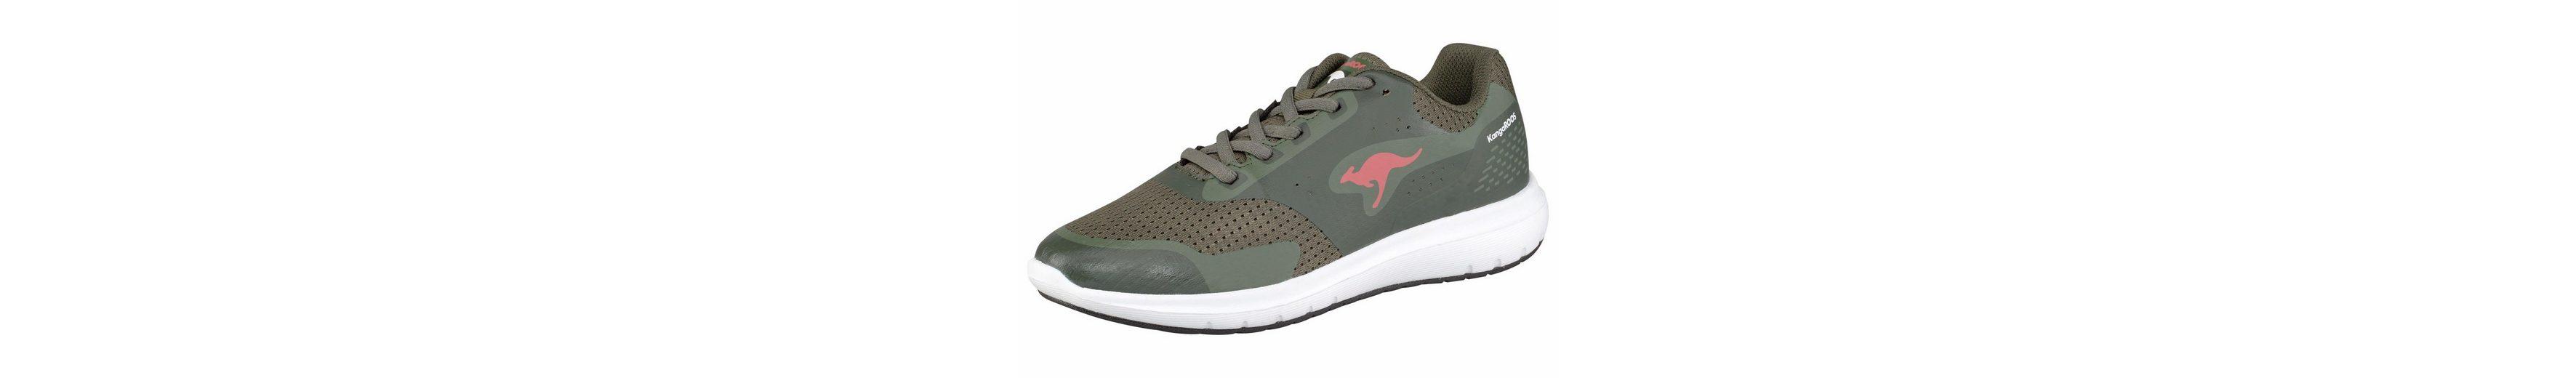 Verkauf Am Besten KangaROOS Start One W Sneaker Billige Wahl Billig Ausgezeichnet NDJg0yCr2